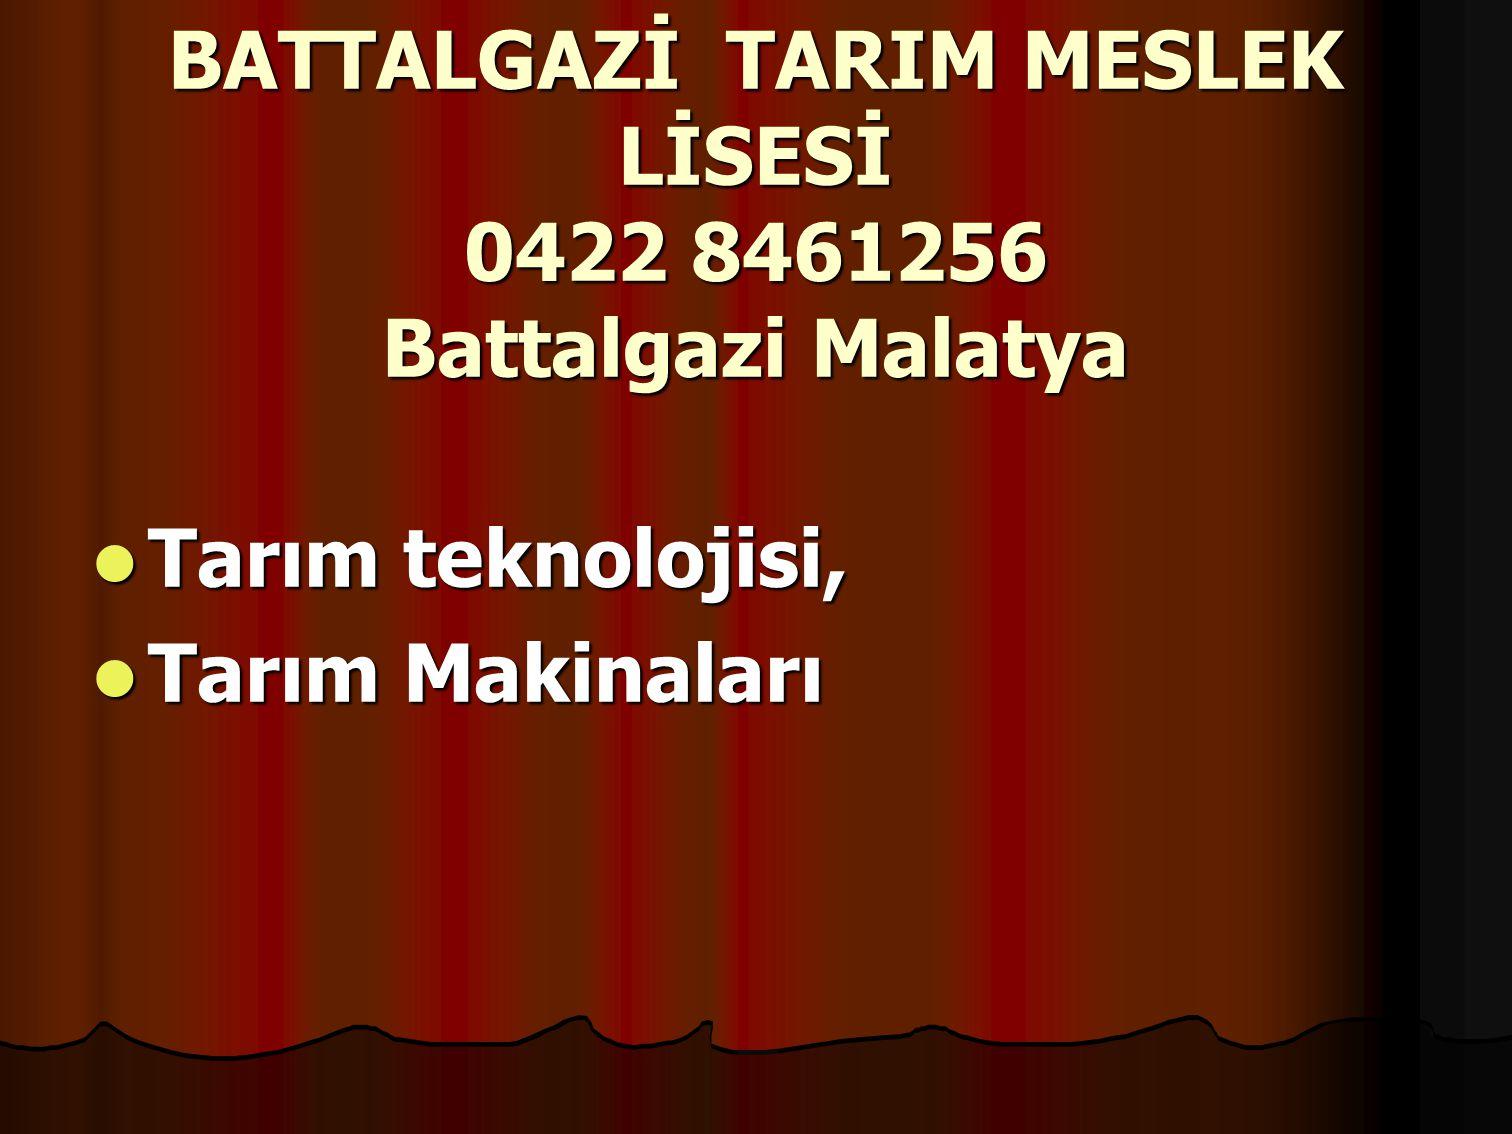 BATTALGAZİ TARIM MESLEK LİSESİ 0422 8461256 Battalgazi Malatya Tarım teknolojisi, Tarım teknolojisi, Tarım Makinaları Tarım Makinaları